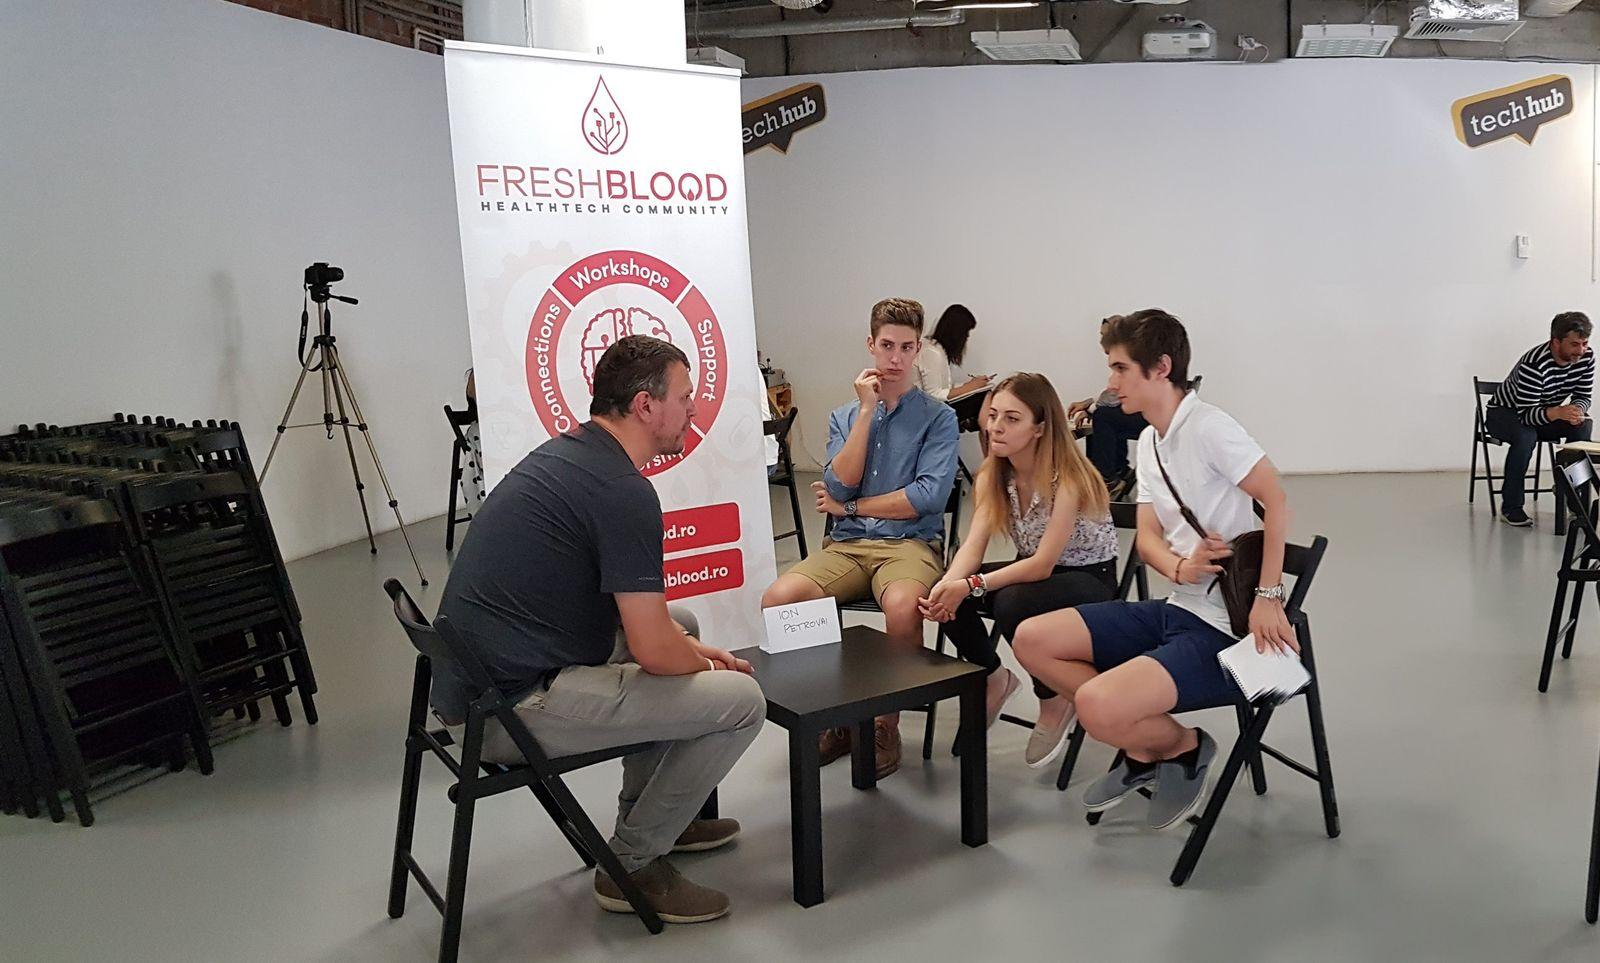 FreshBlood facilitează inovarea, oferind sprijin startup-urilor din domeniul asistenței medicale